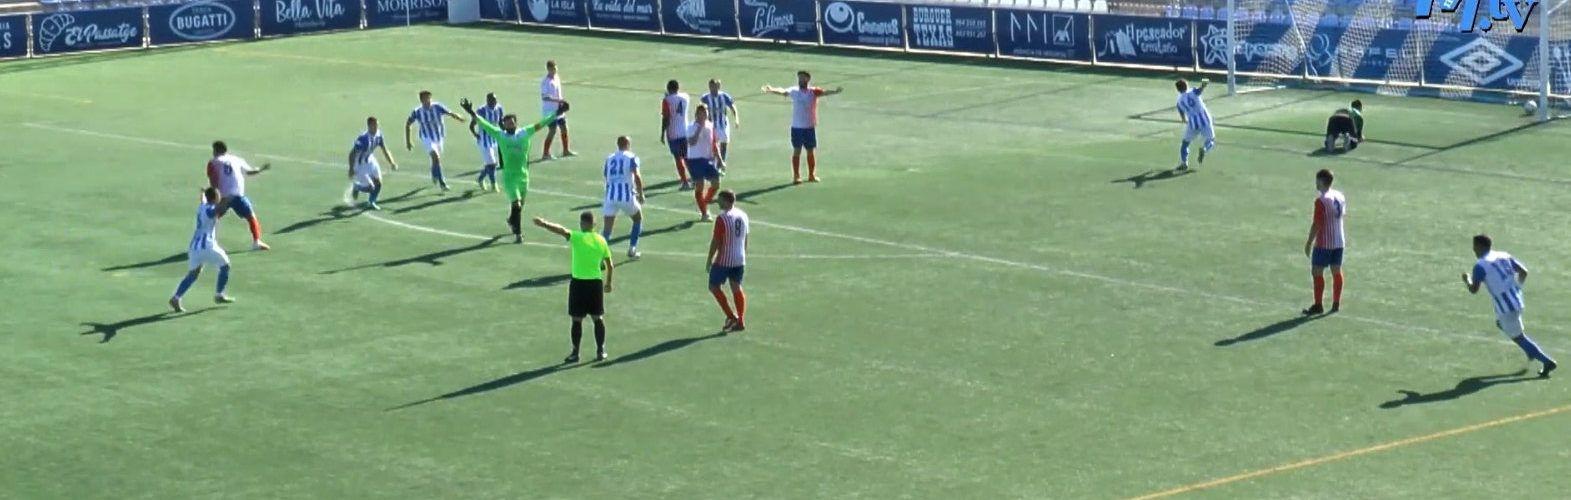 """Insólito: El portero del Vinaròs CF marca un gol y un instante después, el ACD Peñíscola le """"devuelve"""" el gol"""